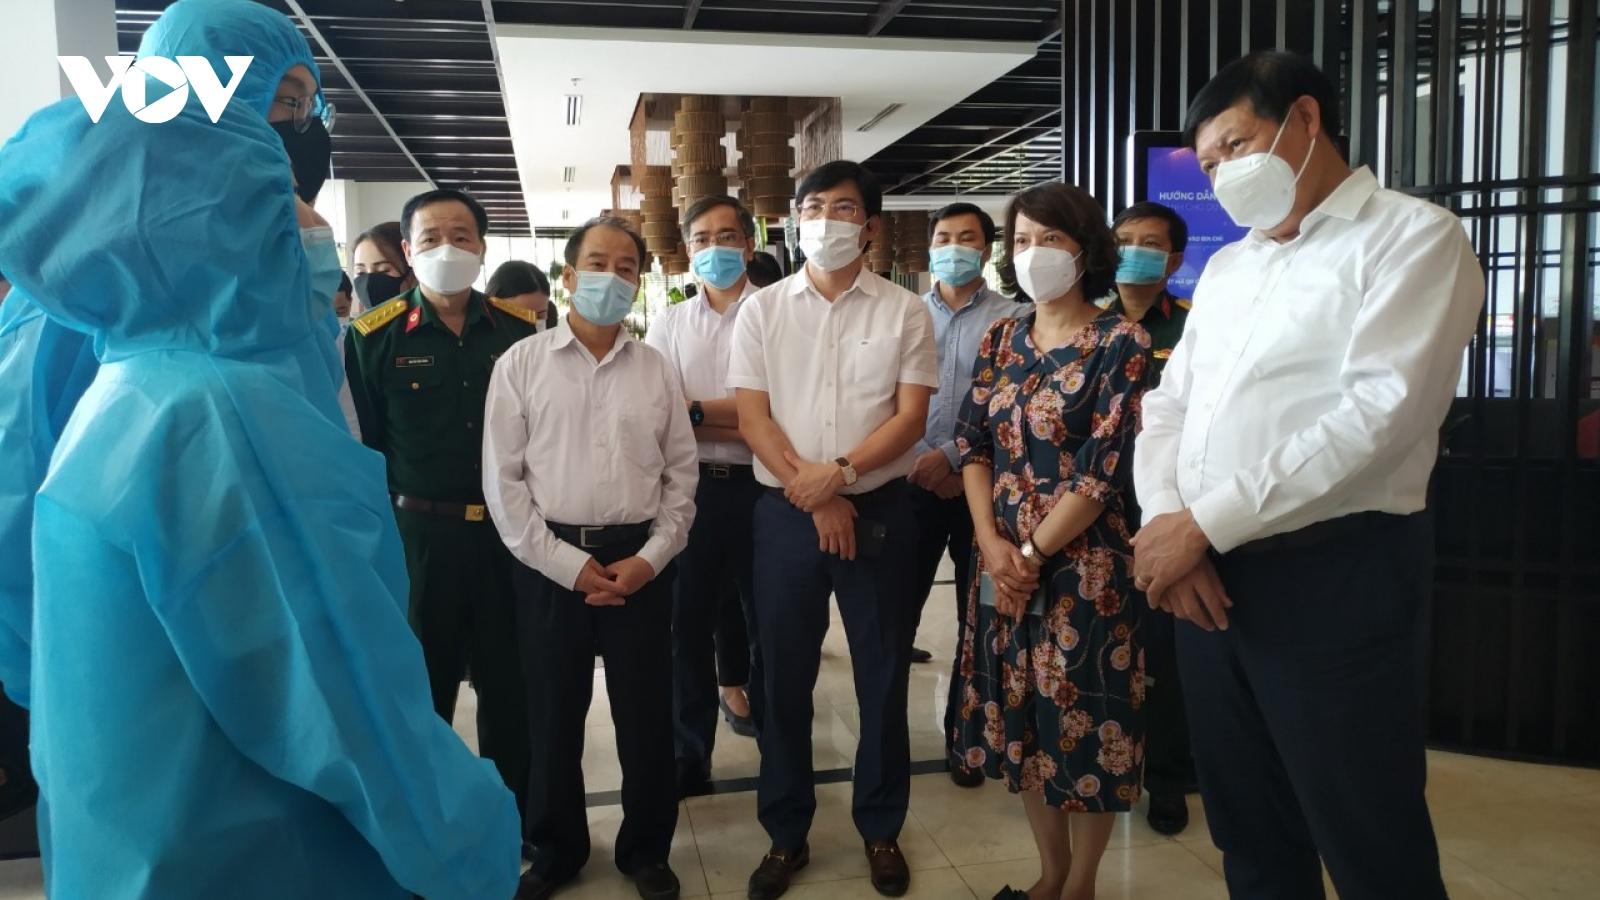 Quảng Ninh chủ động kịch bản có 1.000 bệnh nhân F0 trên địa bàn